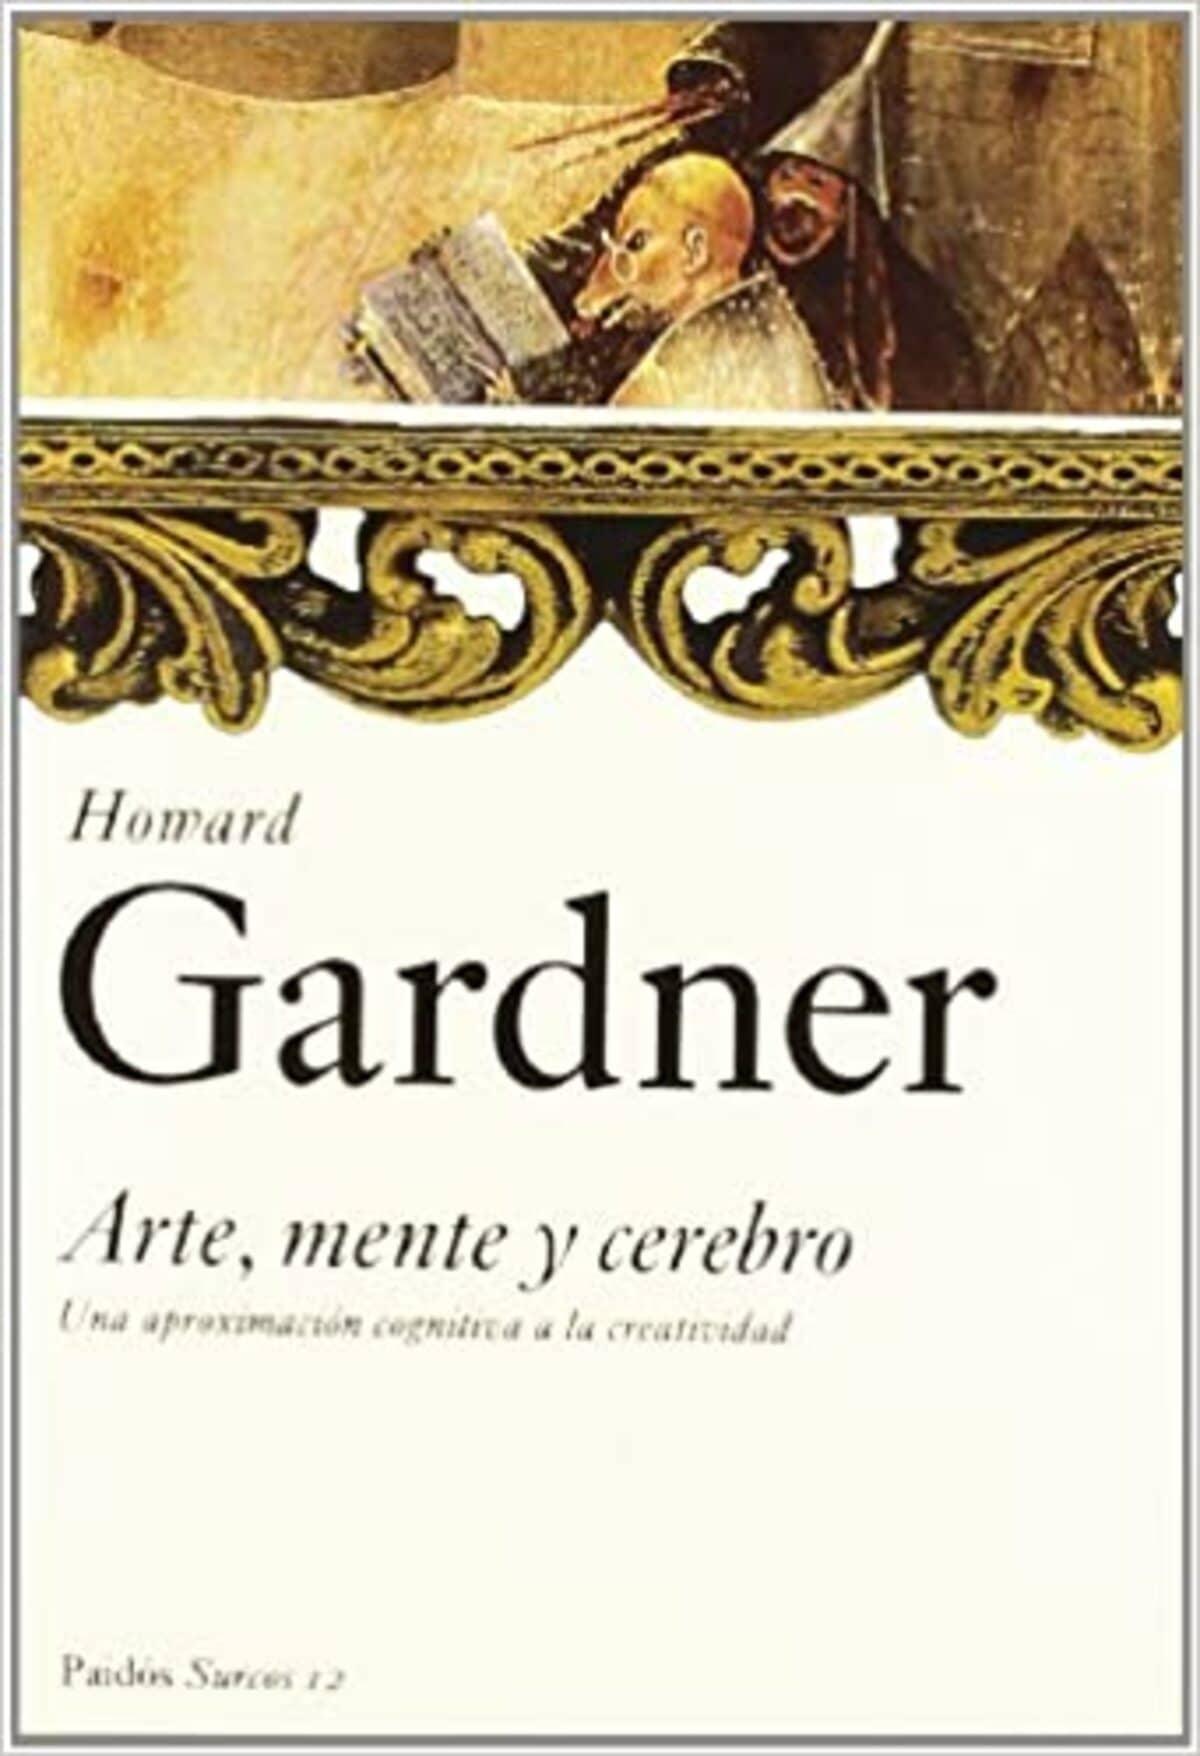 Arte, Mente y Cerebro - Howard Gardner.